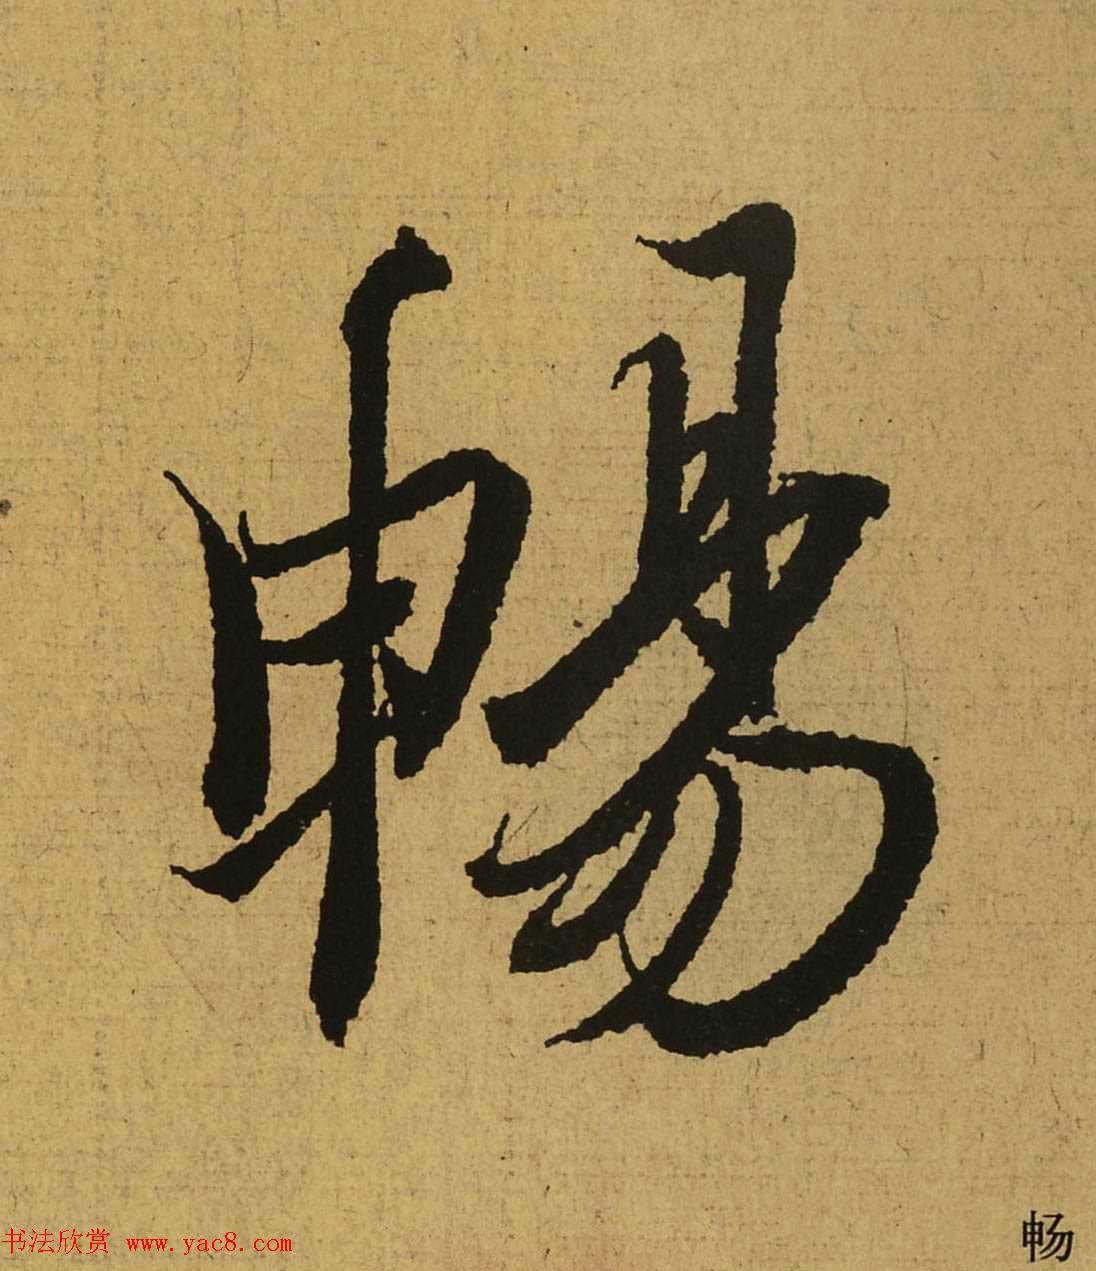 王羲之兰亭集序全文单字高清放大字帖 第17页 行书字帖 书法欣赏